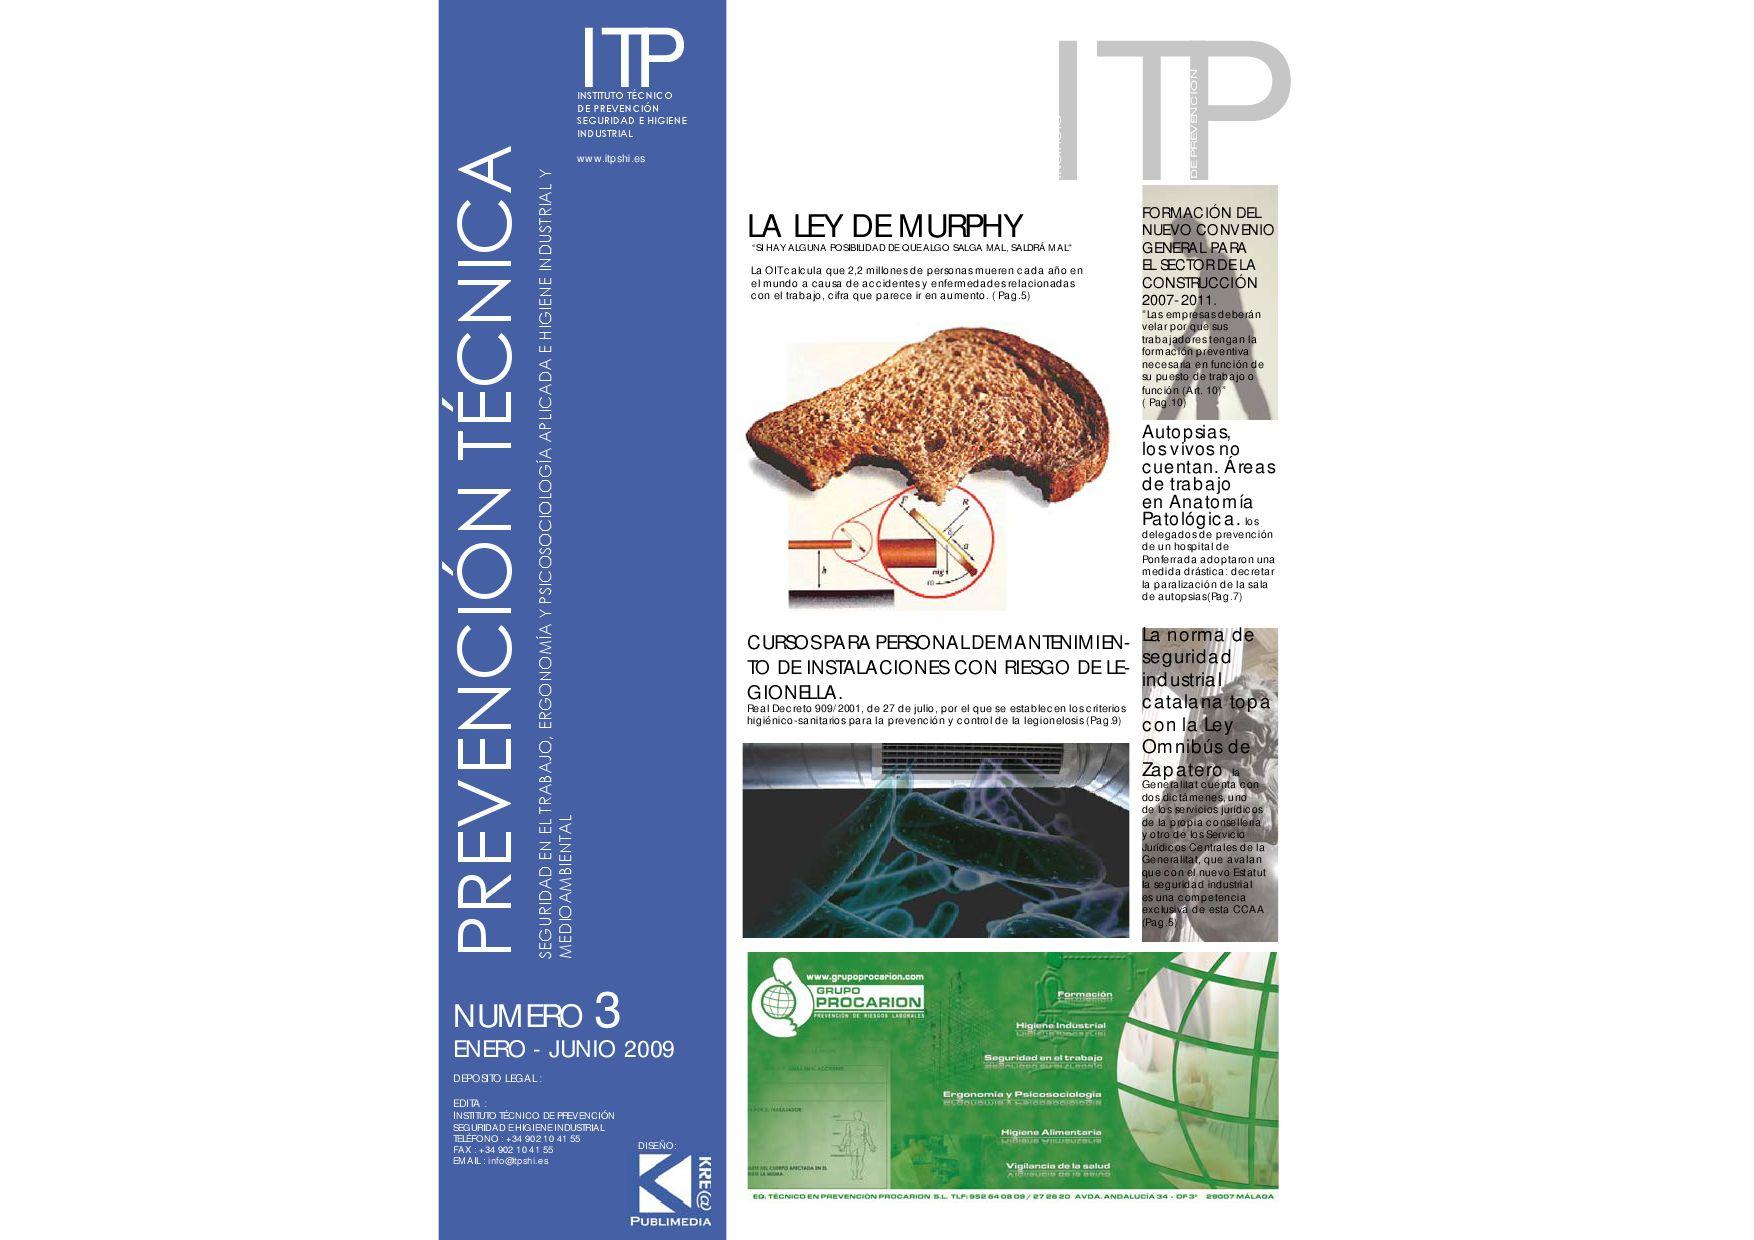 Publicación ITP nº3 by Grupo Empresarial Preventel - issuu